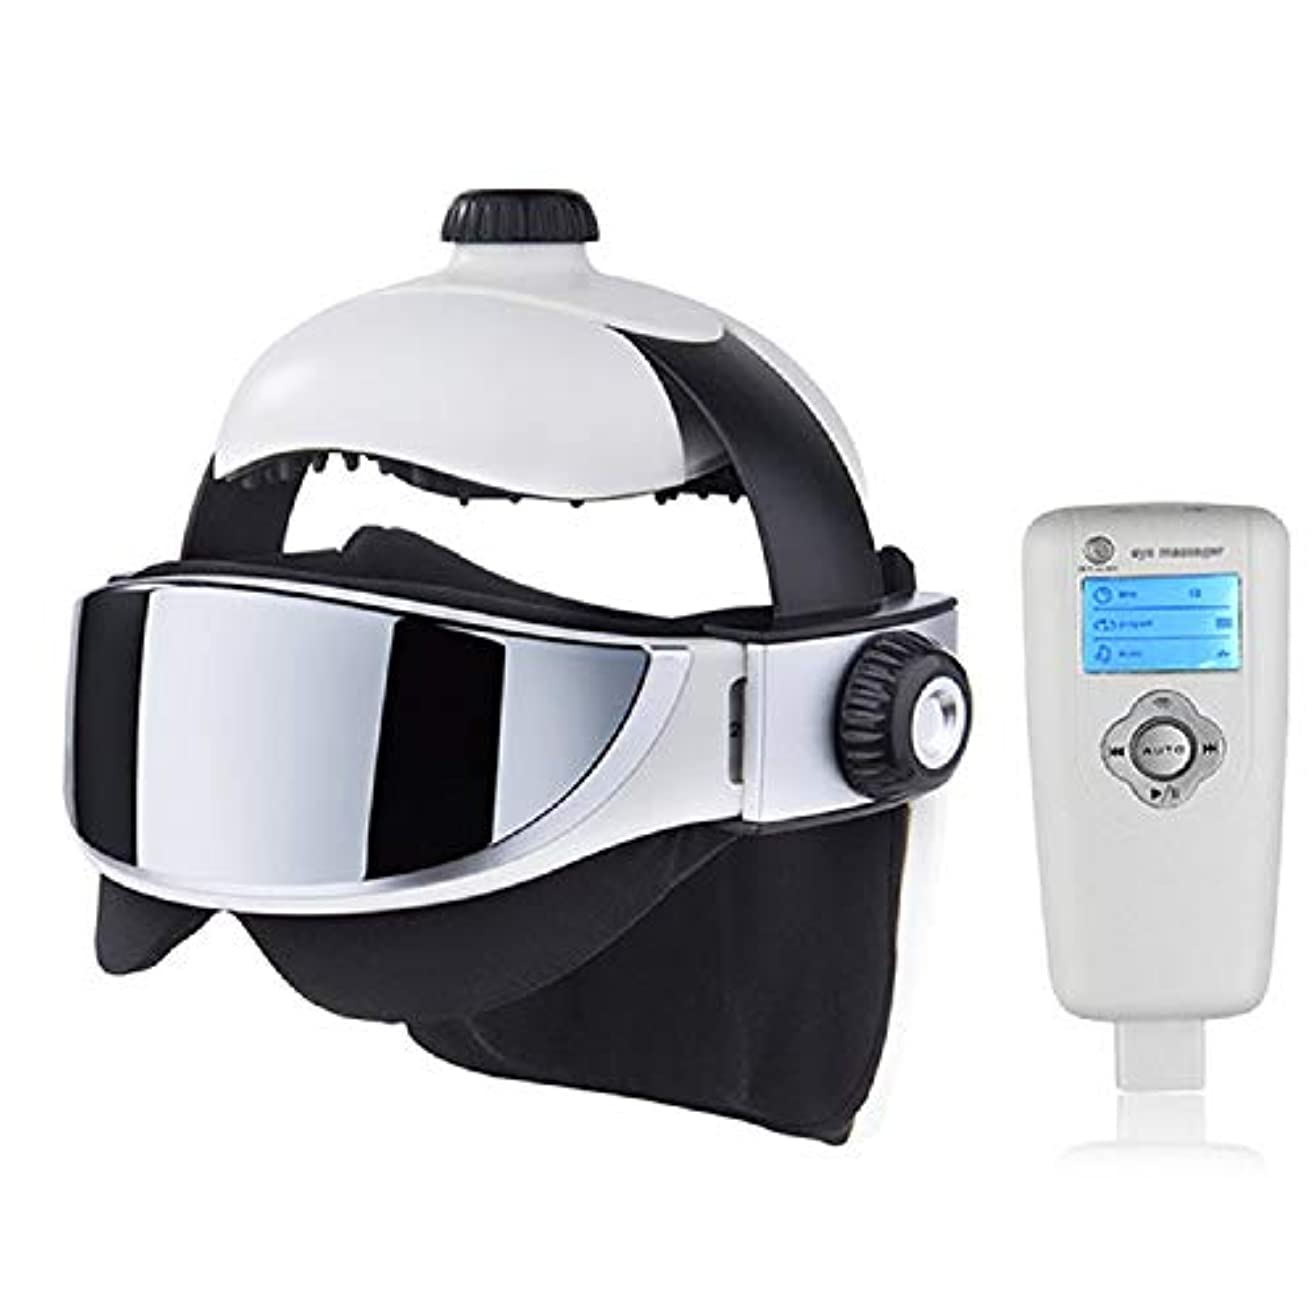 出席する高潔なホステスRuzzy 高度な圧子2イン1ヘッドマッサージ、アイマッサージ、高度な音楽マッサージヘルメットデザイン 購入へようこそ